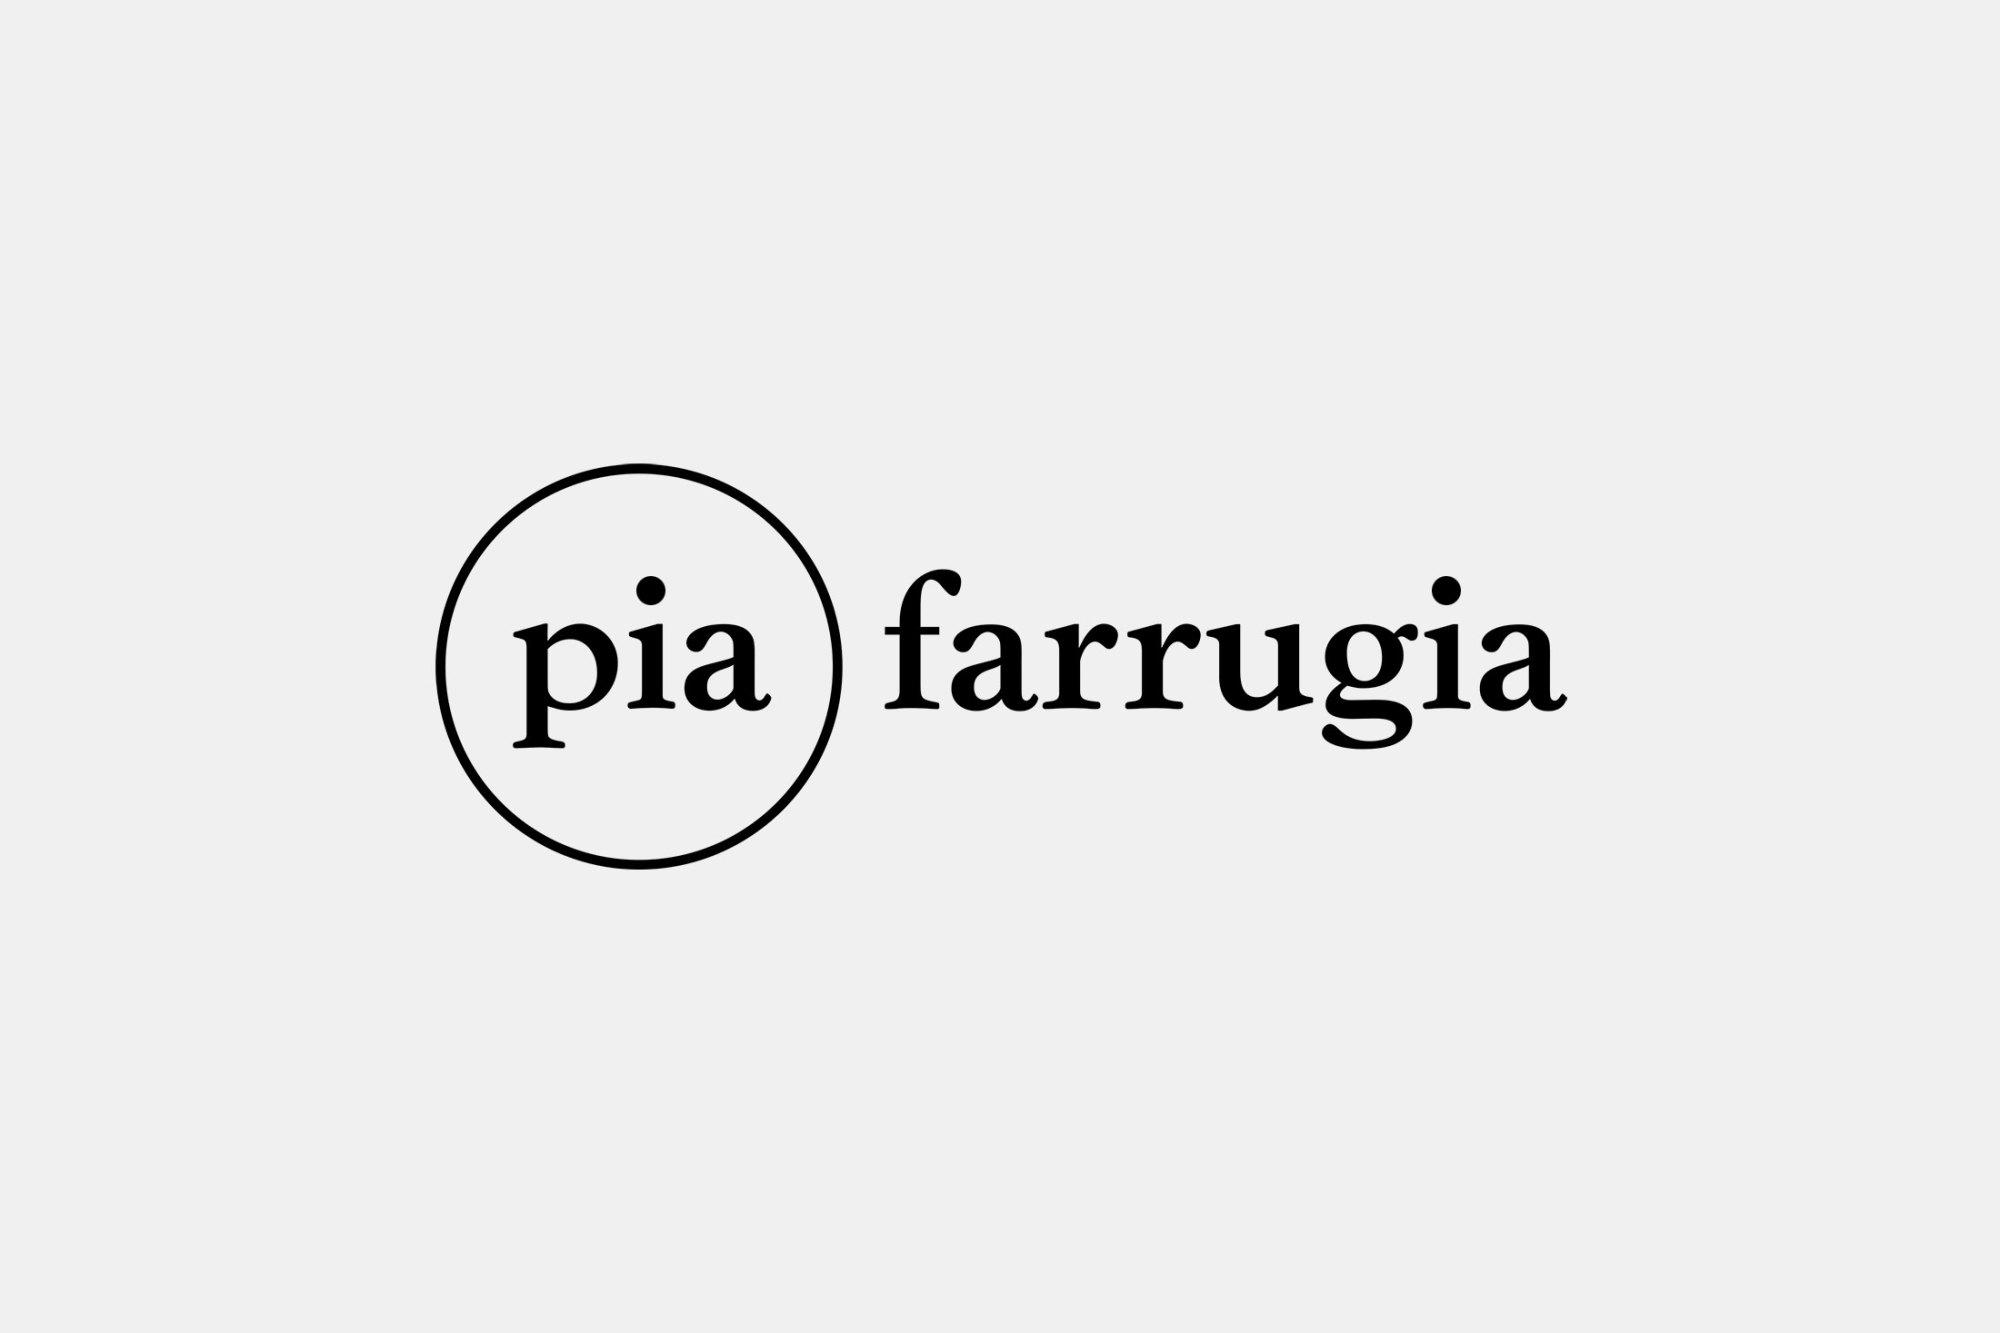 Graphisme Geneve Graphic Design Graphique Direction Artistique Geneva Logo Identite Visuelle Identity Branding Brand Pia Farrugia